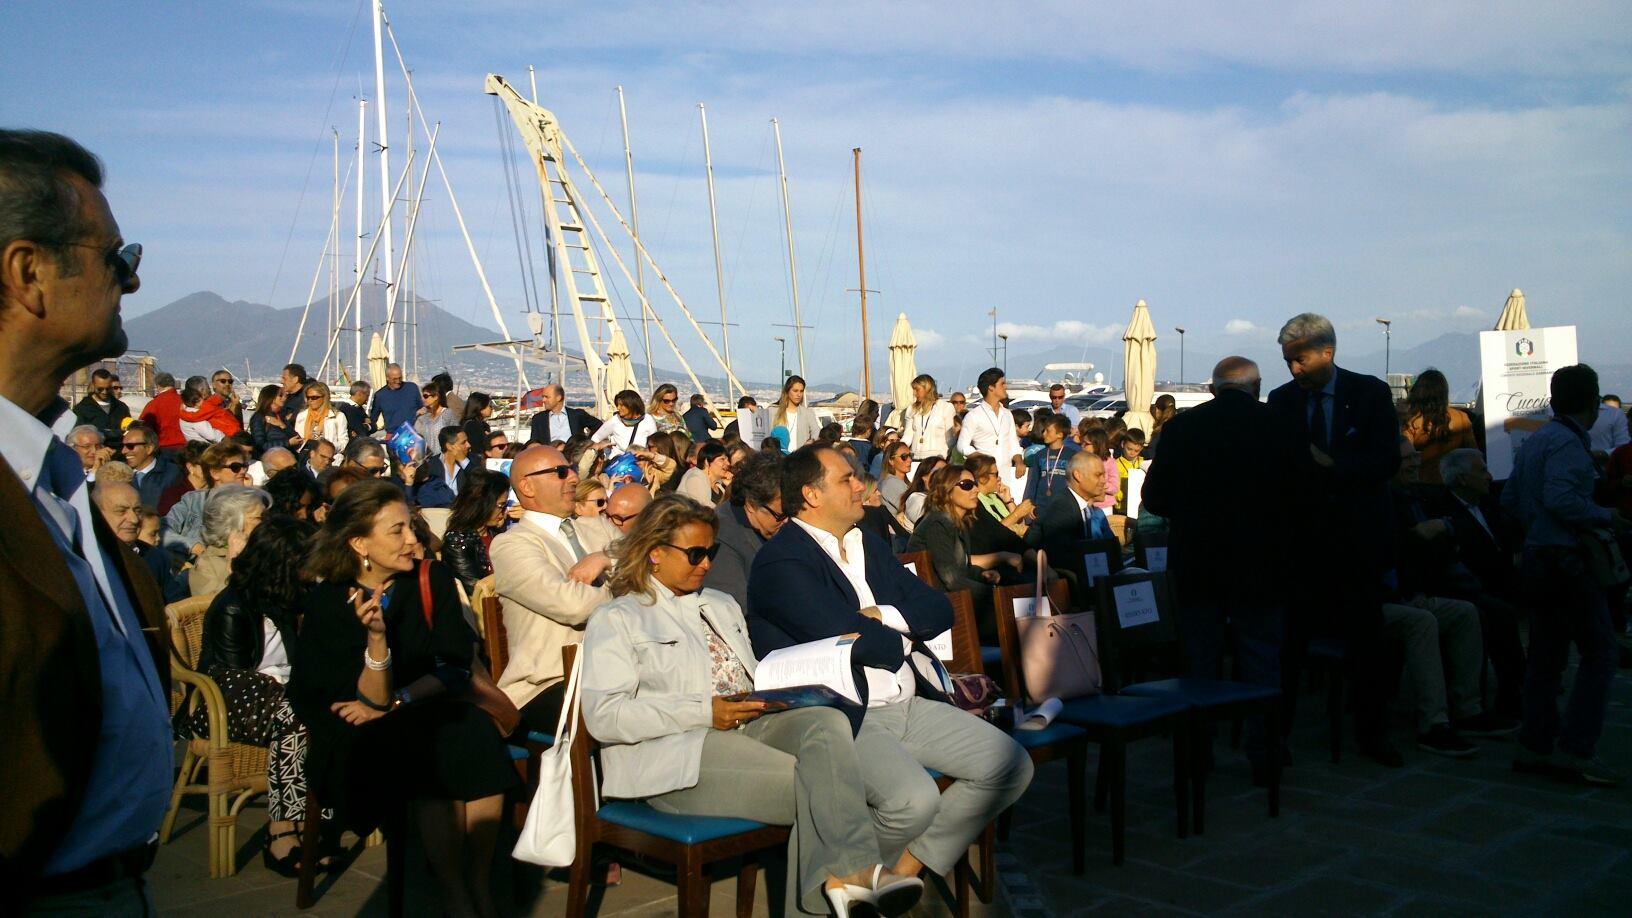 In Campania tra i giovani si pratica anche lo sci. Al Circolo Posillipo premiati i vincitori